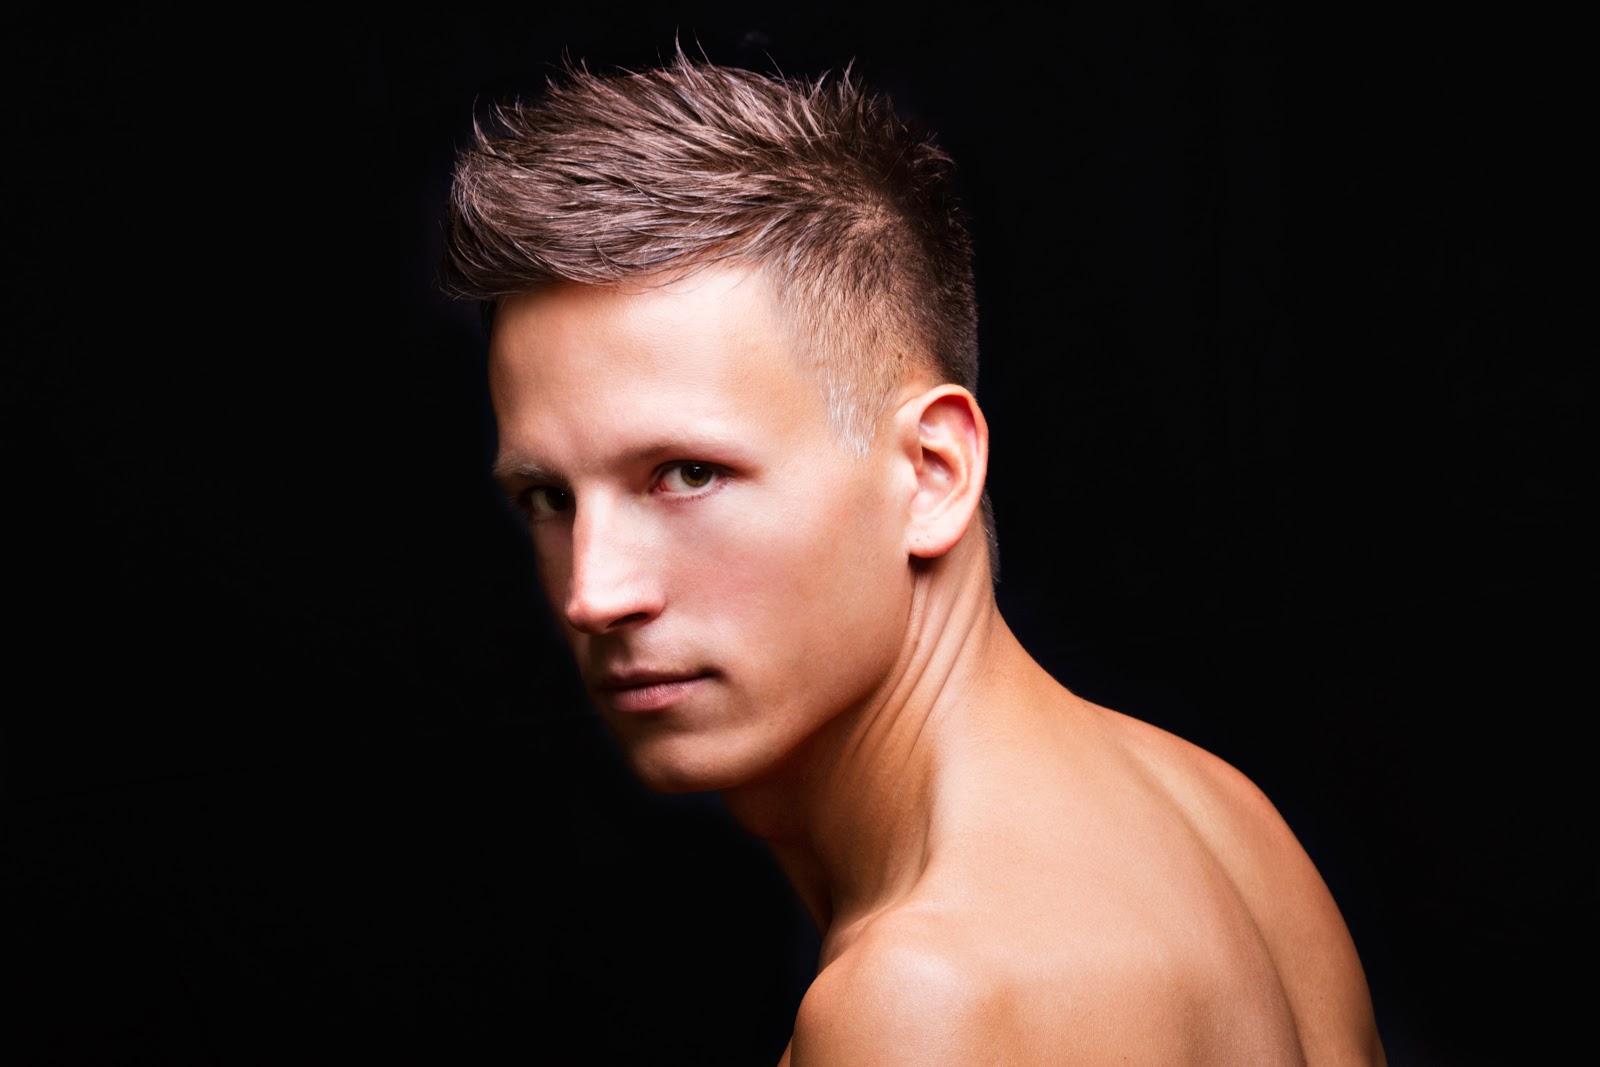 Corte de cabelo masculino: a tendu00eancia para 2013 u00e9 a ousadia : Minha ...